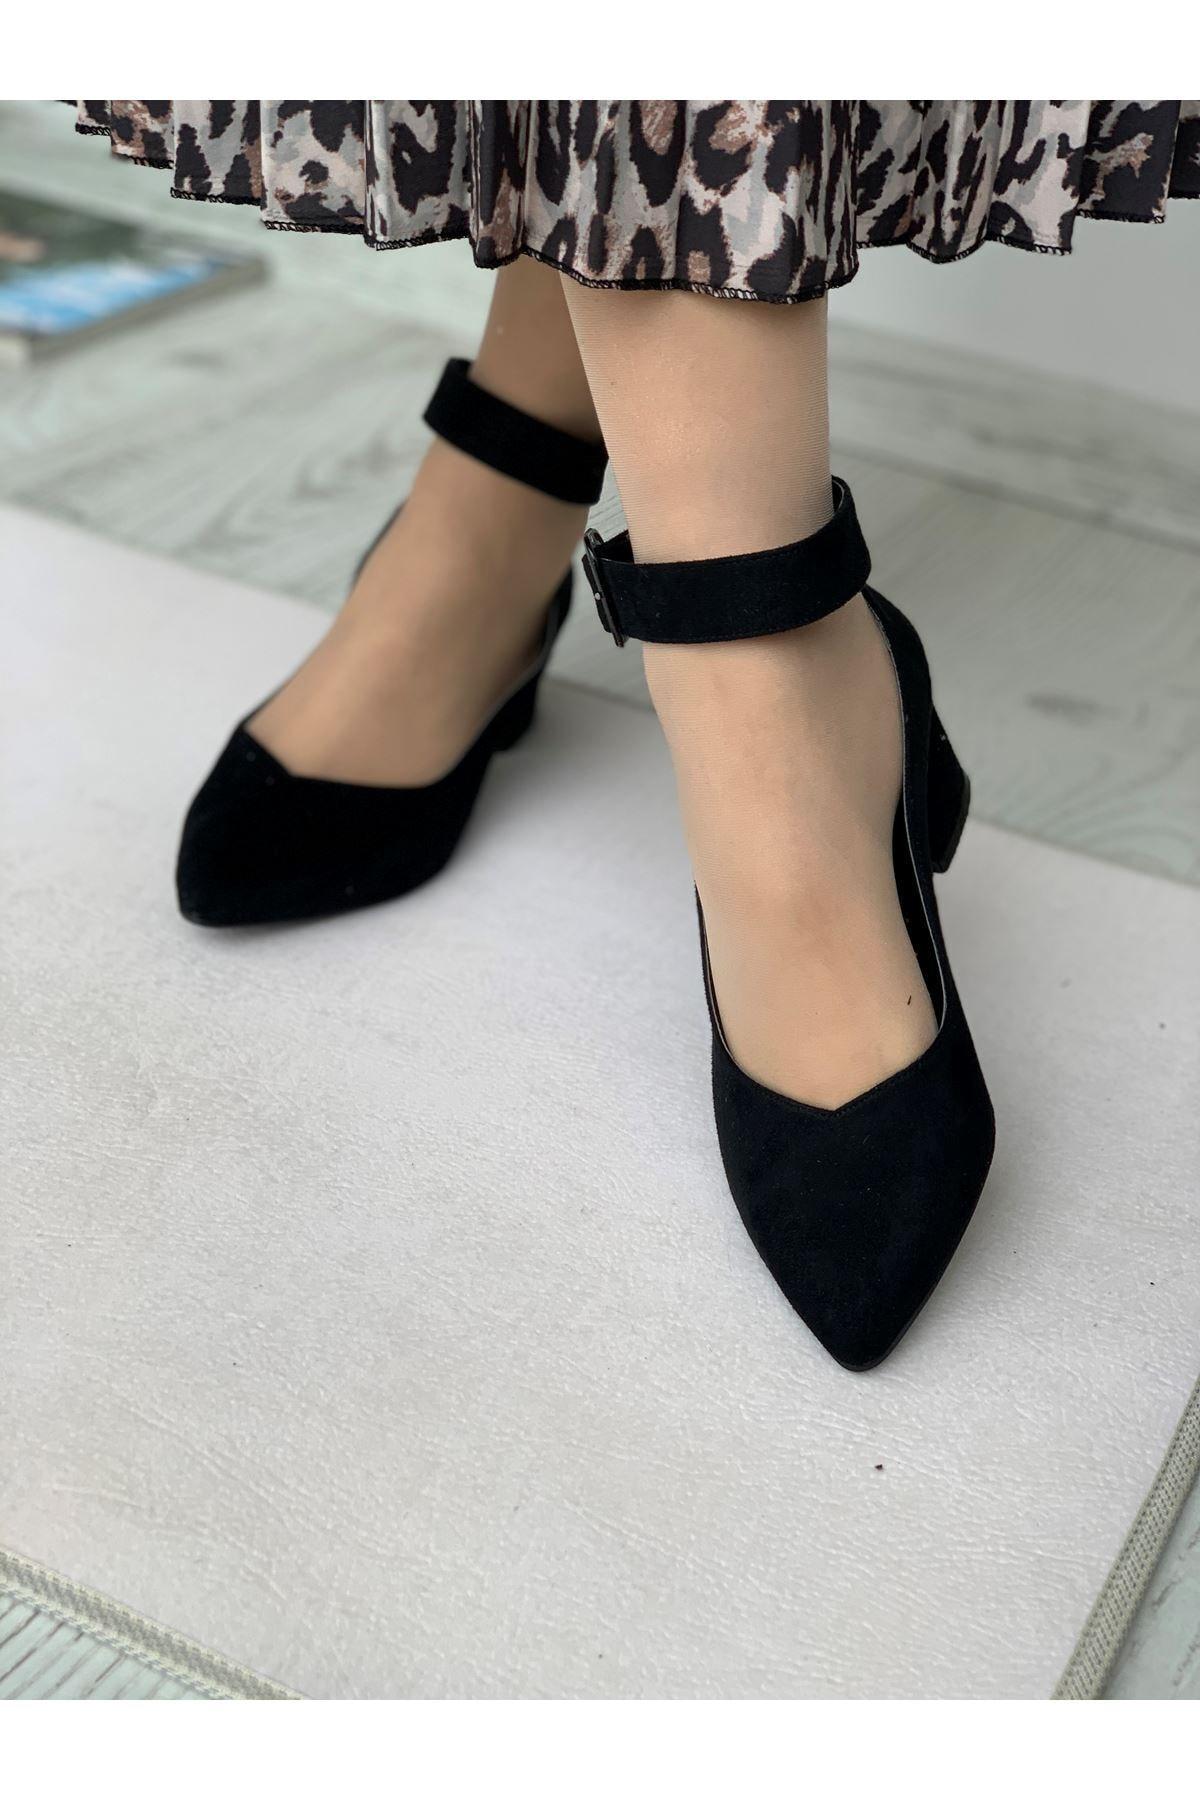 LDÇ Bilekten Kemer Detaylı Kadın Topuklu Ayakkabı-s. Siyah 1